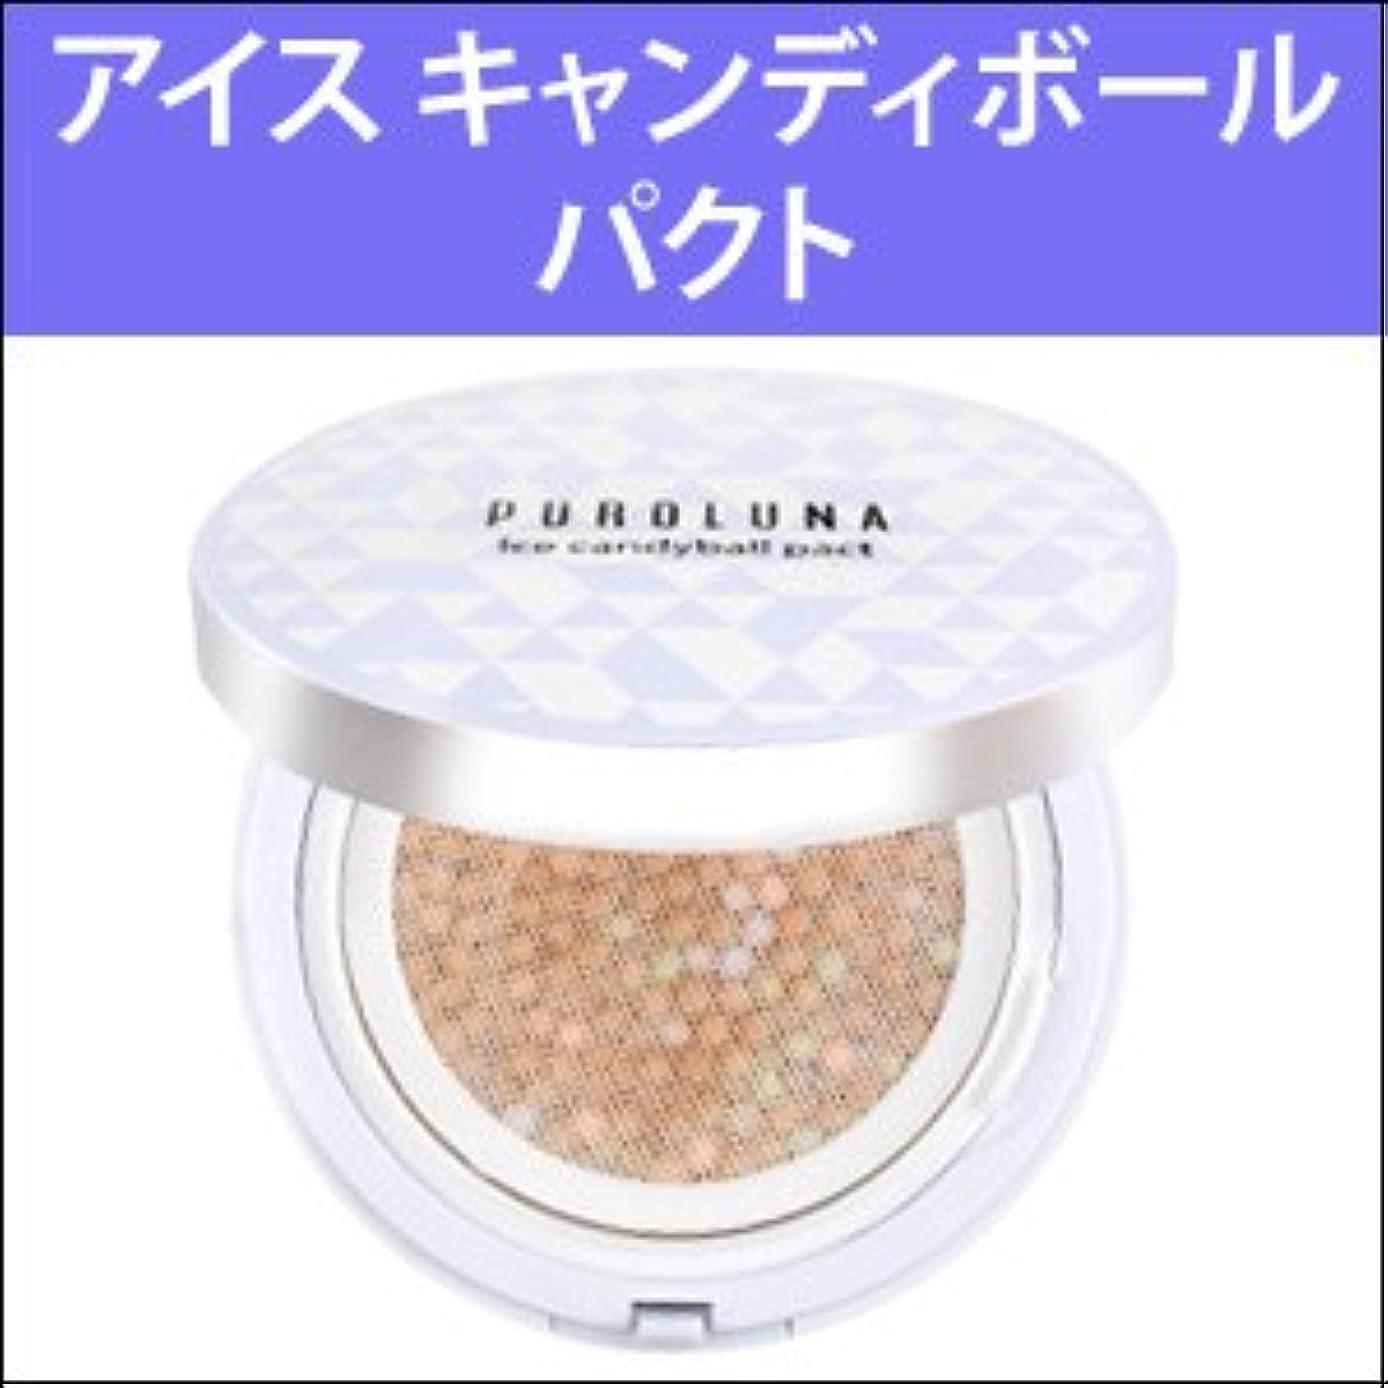 居間確立しますジュニア『PUROLUNA?プロルナ』 アイス キャンディボール パクト(SPF50+/PA+++) カラー:2号 ベージュ